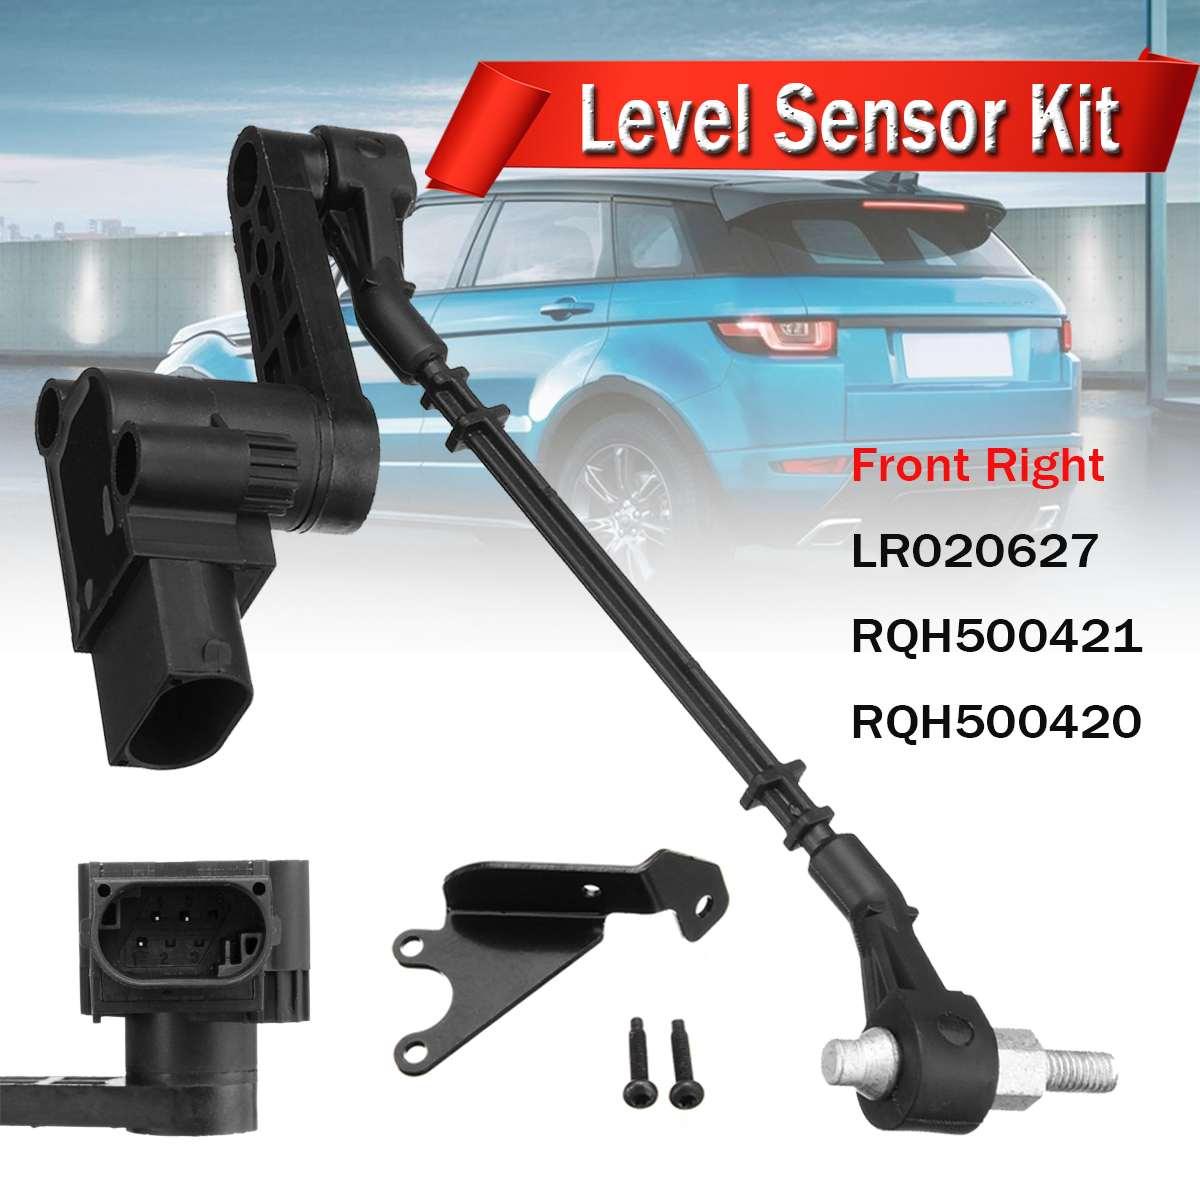 Спереди пневматической подвеской ездить уровня высоты Сенсор LR020627 для Range Rover L322 RQH500421 RQH500420 RQH500431 RQH500430